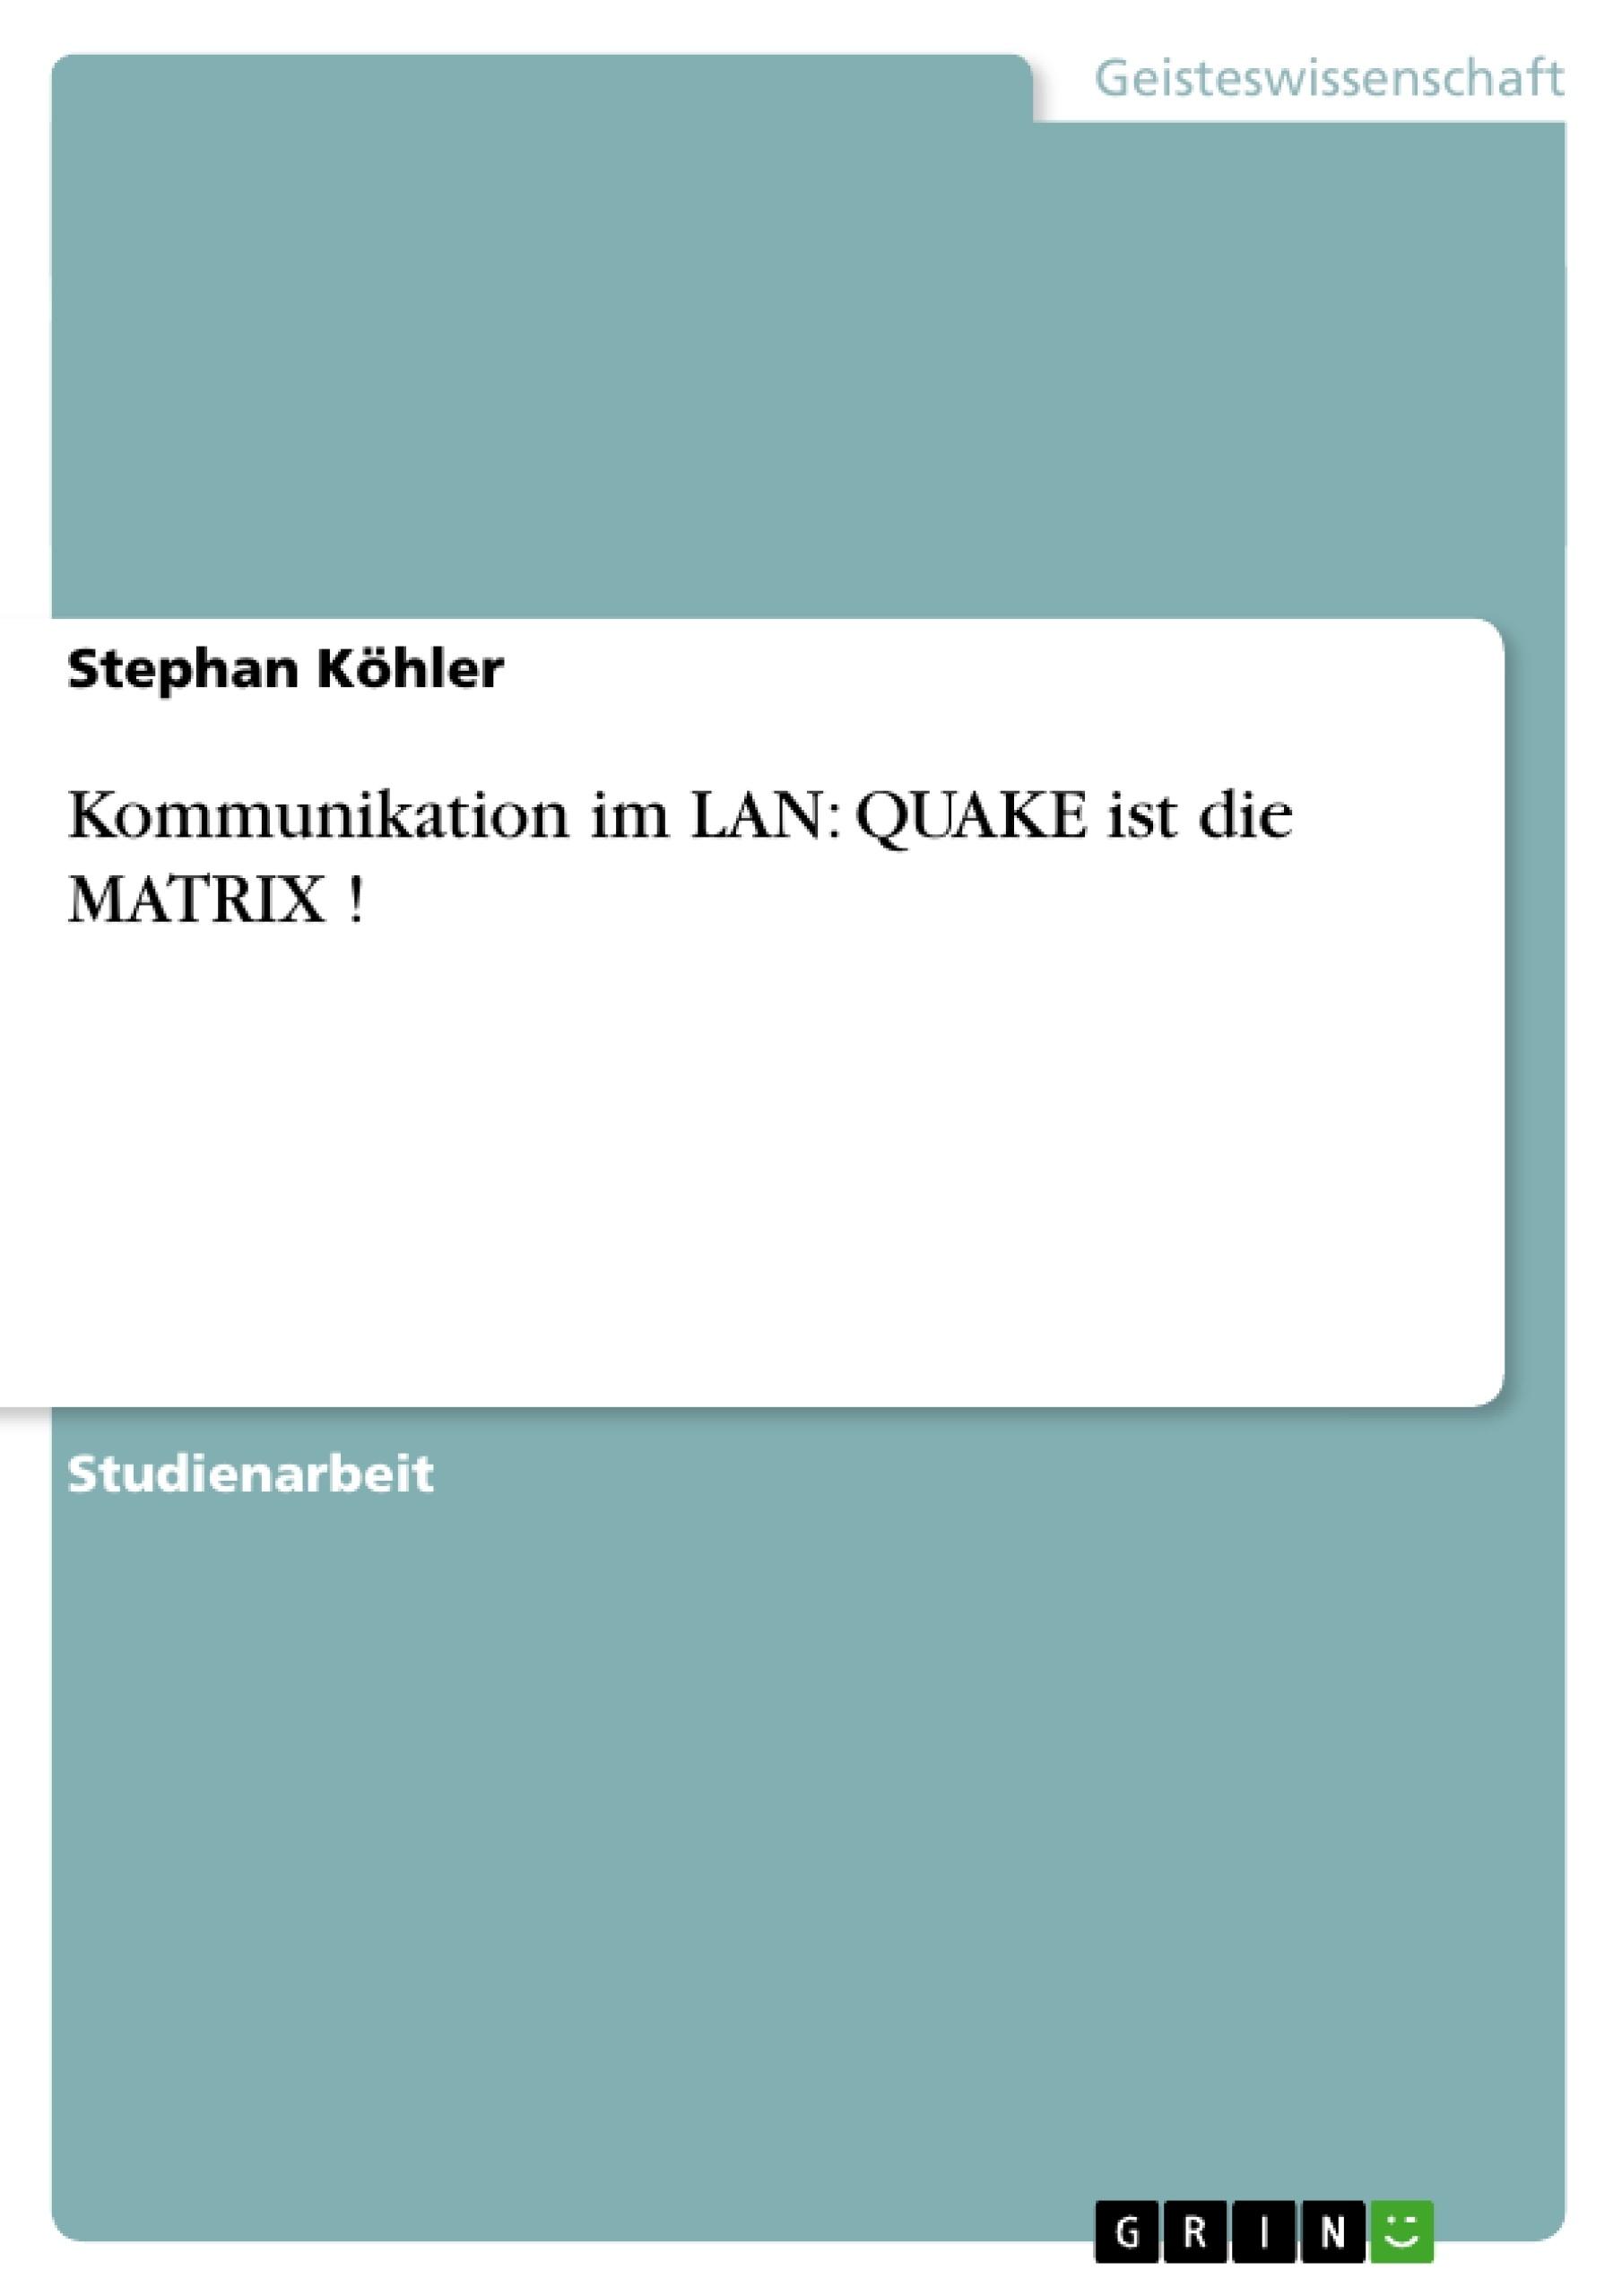 Titel: Kommunikation im LAN: QUAKE ist die MATRIX !